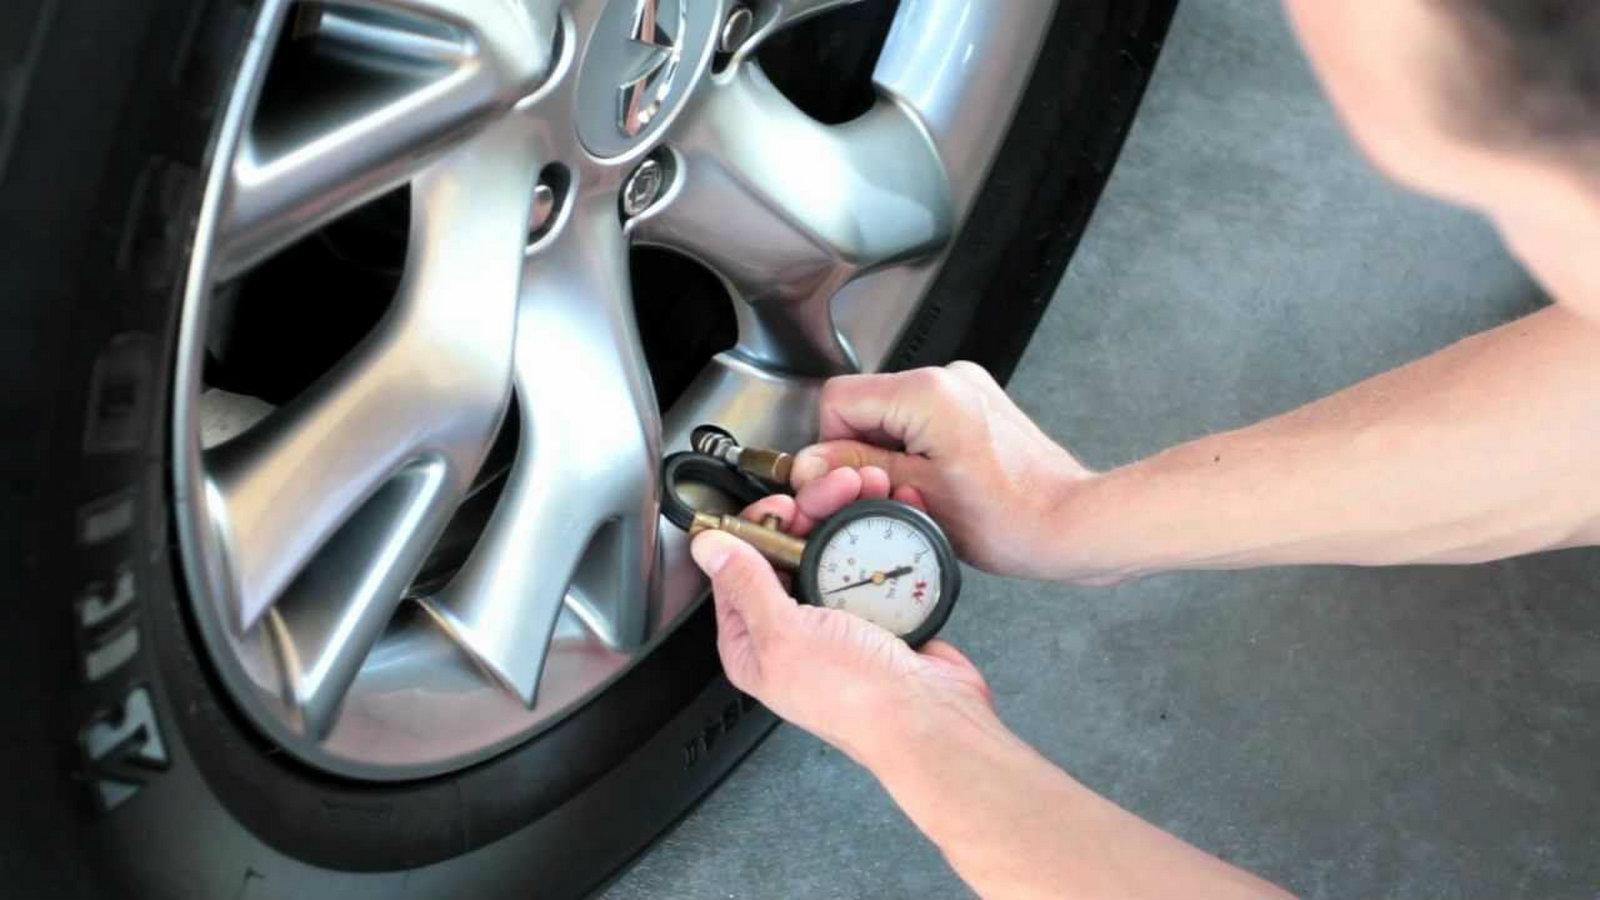 Ο έλεγχος πίεσης των ελαστικών βοηθά τους οδηγούς να διατηρούν σωστά τα ελαστικά των οχημάτων τους, βελτιώνει την ασφάλεια τους και την αποδοτικότητα των καυσίμων